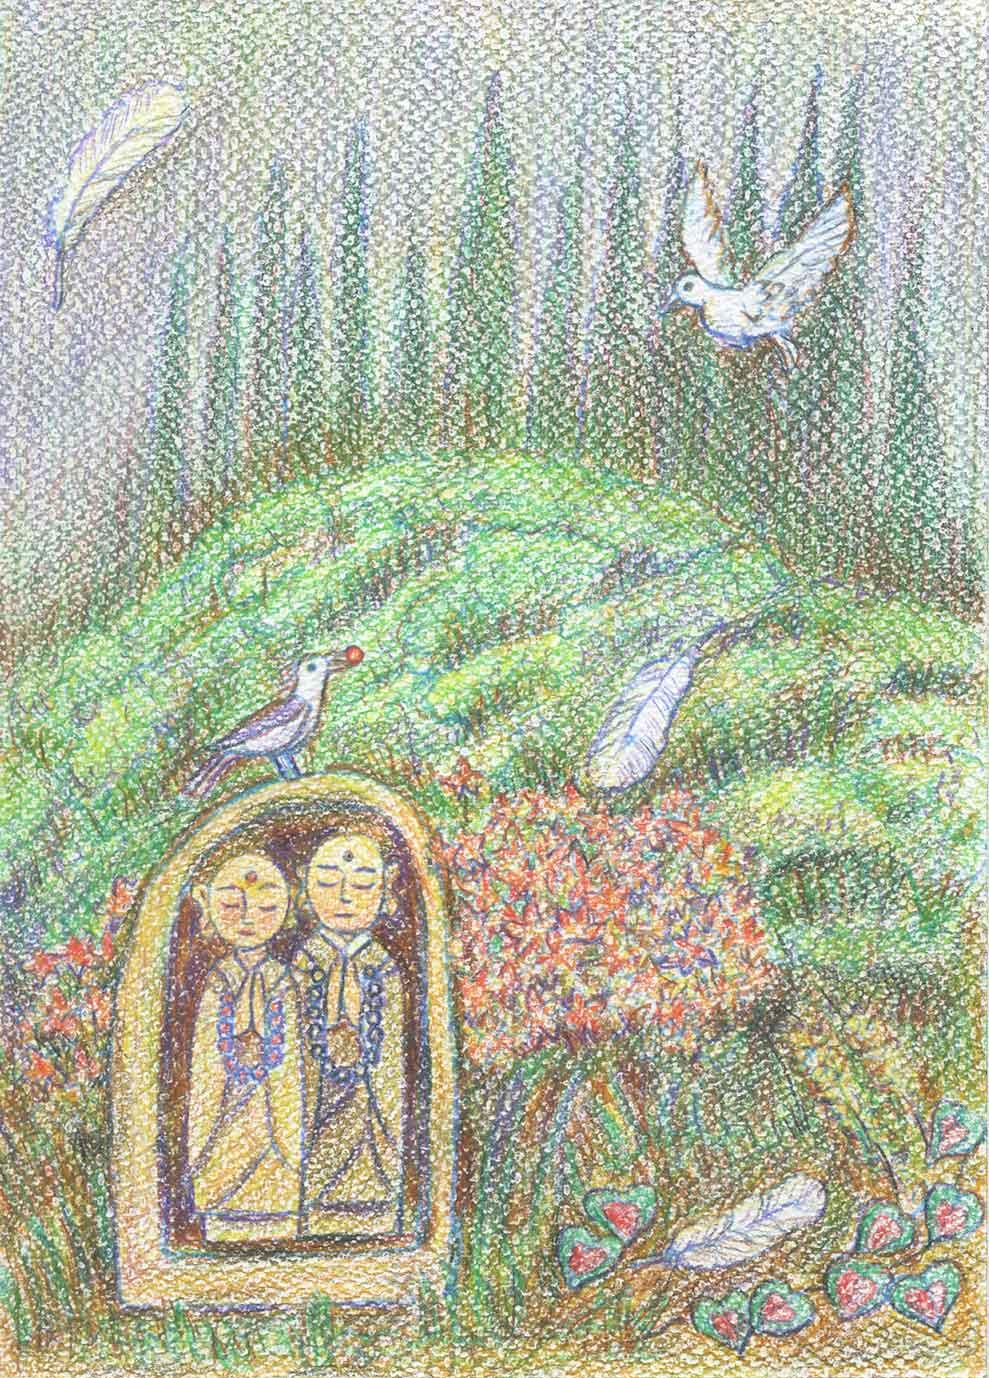 私、川口悟のぬり絵作品です。同じく「豊受けのぬり絵」